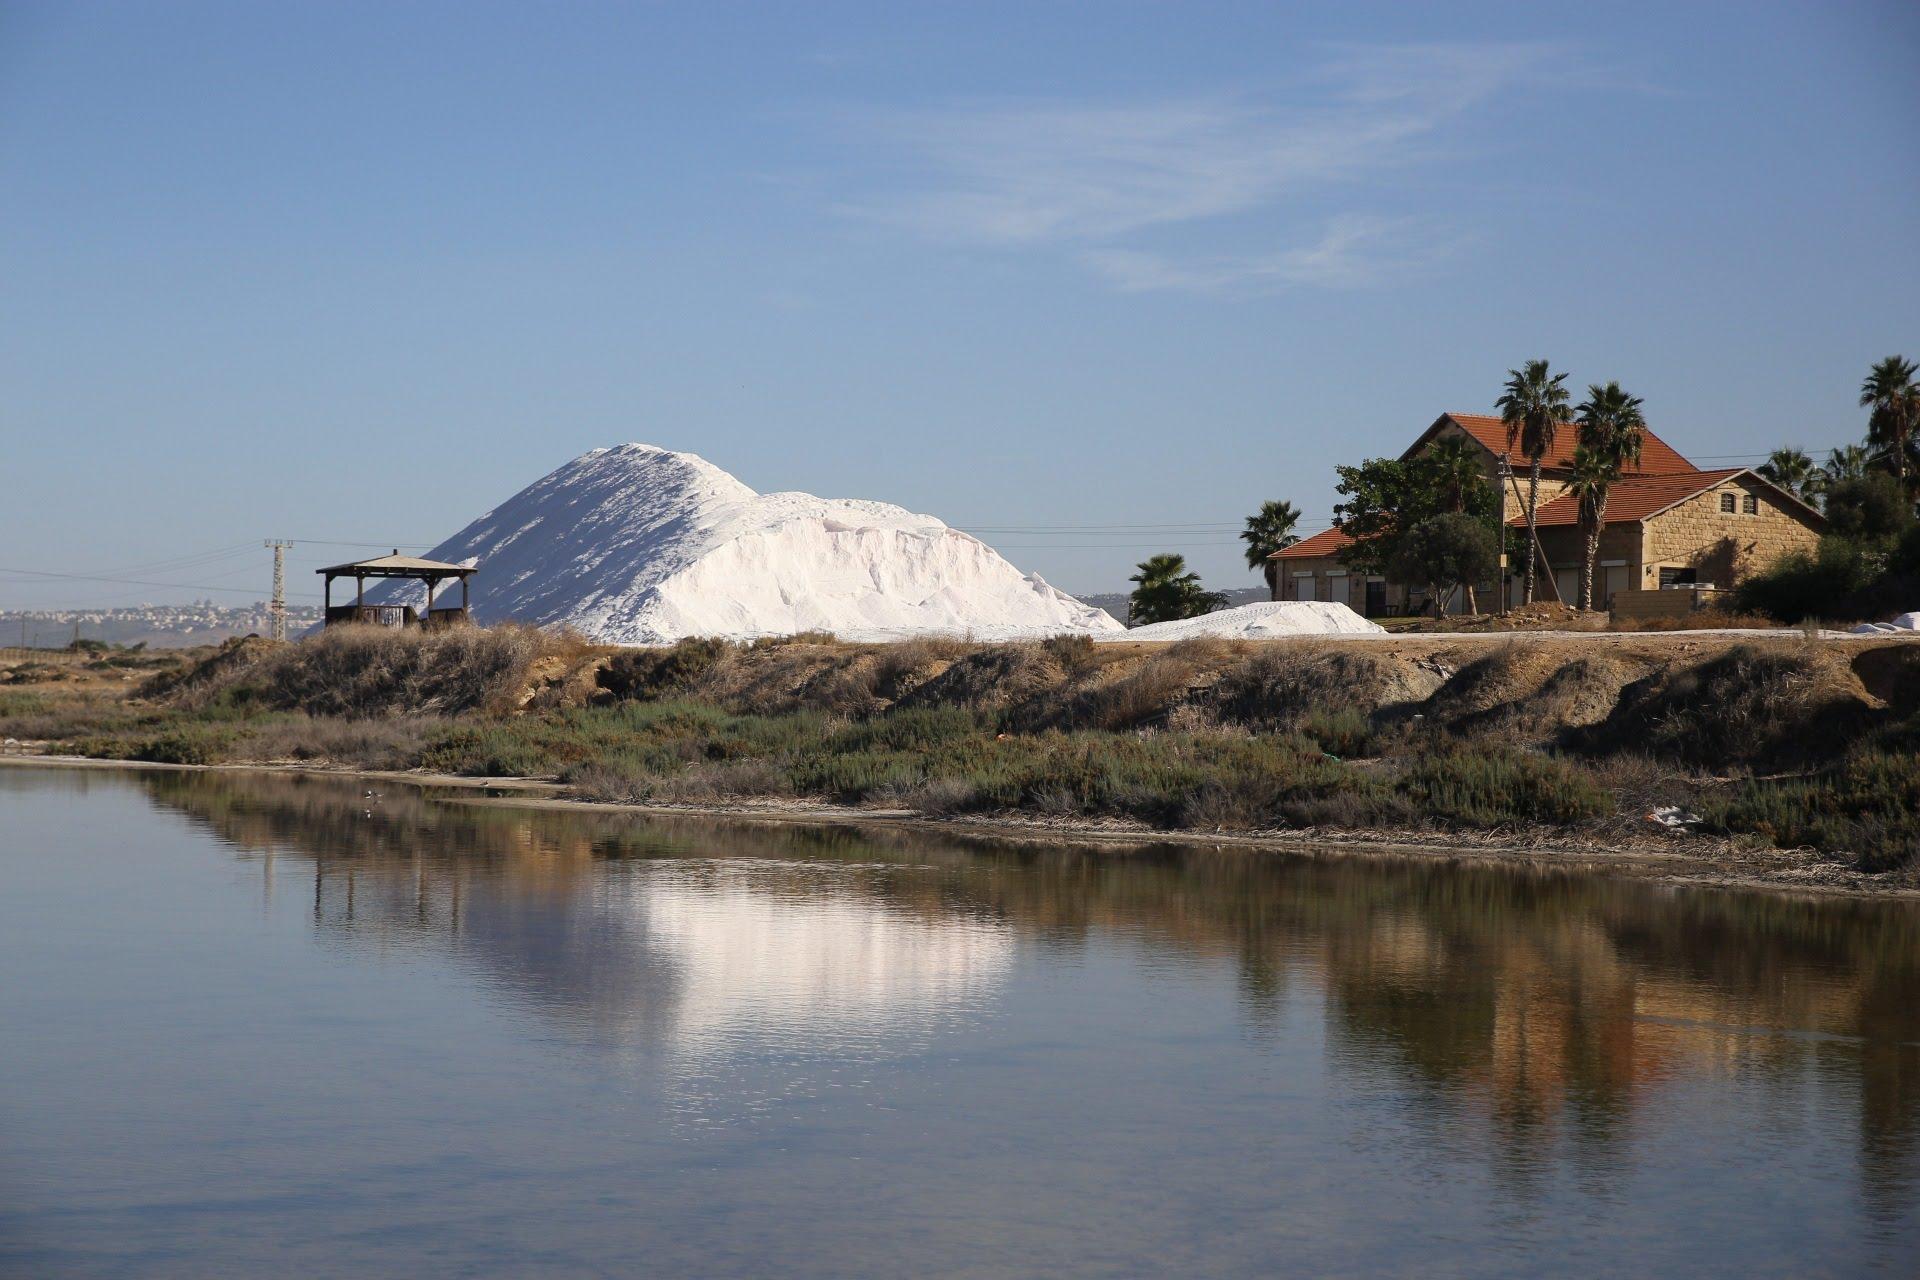 בריכת מלח, הר מלח, מרכז המבקרים